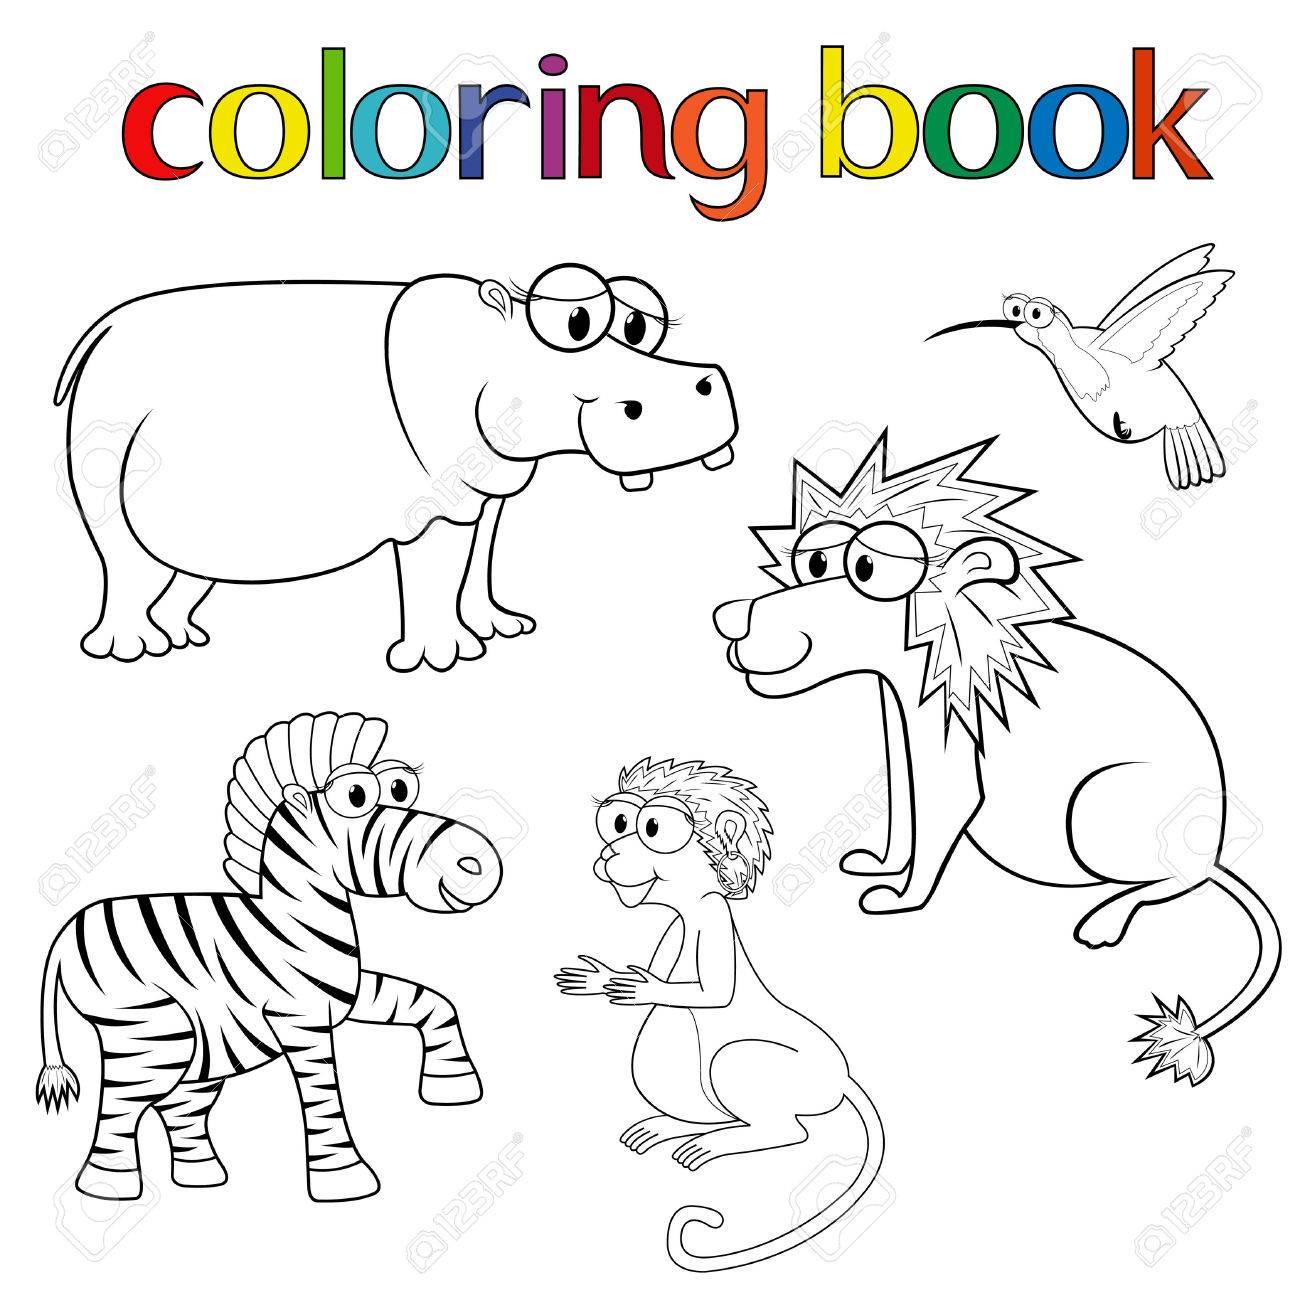 Kit De Animales Para Colorear El Libro Con El Hipopótamo, El León ...